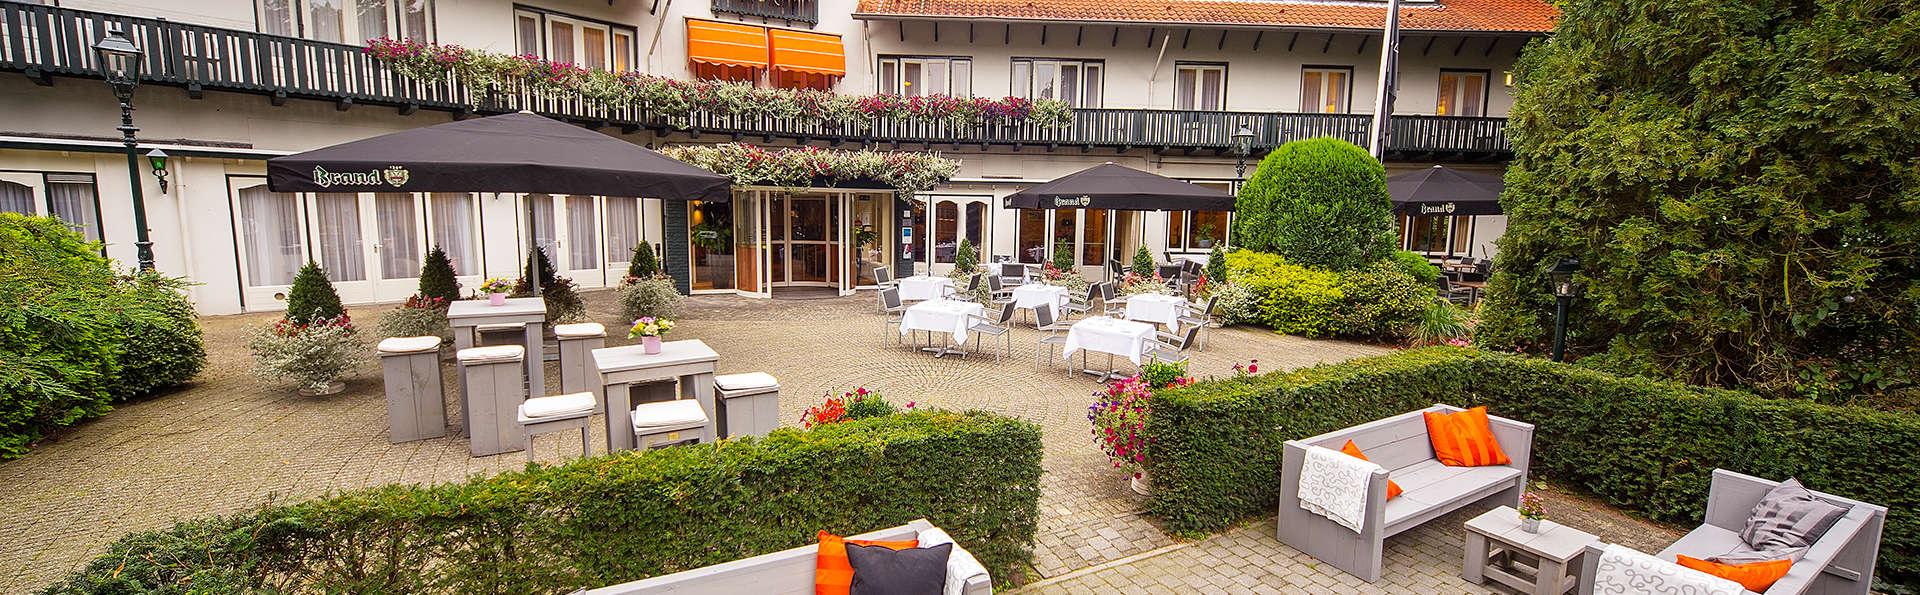 Fletcher Hotel Klein Zwitserland - EDIT_NEW_front3.jpg